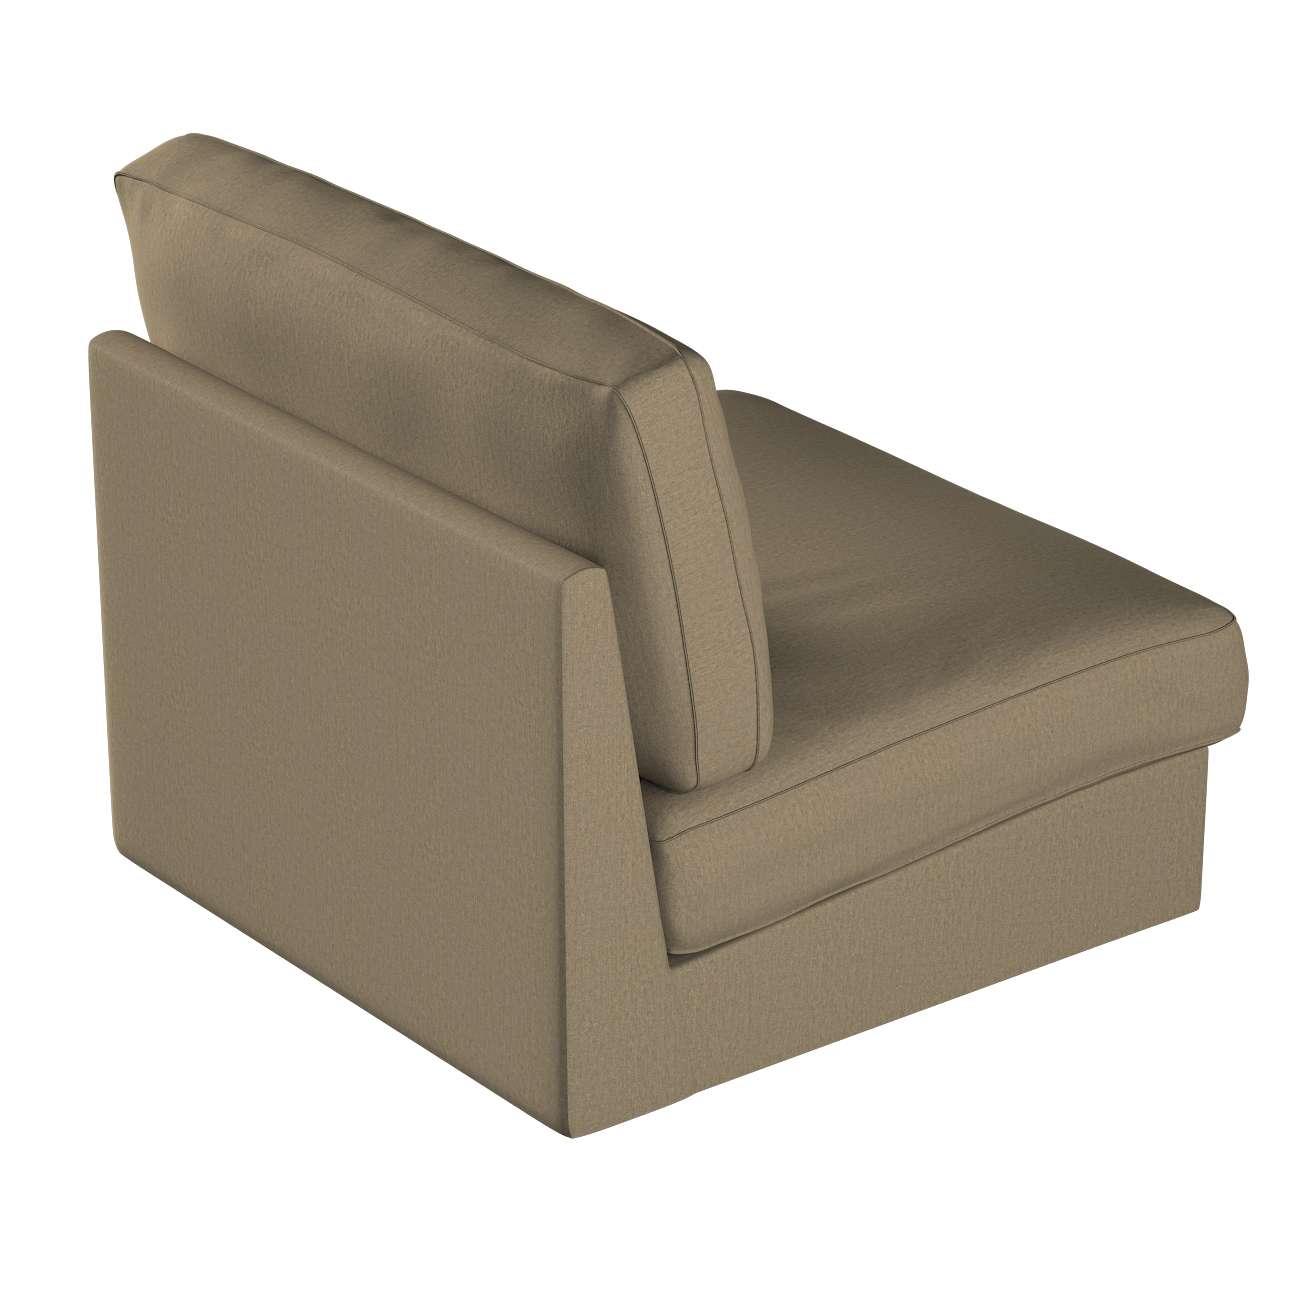 KIVIK fotelio/vienvietės dalies užvalkalas kolekcijoje Chenille, audinys: 702-21